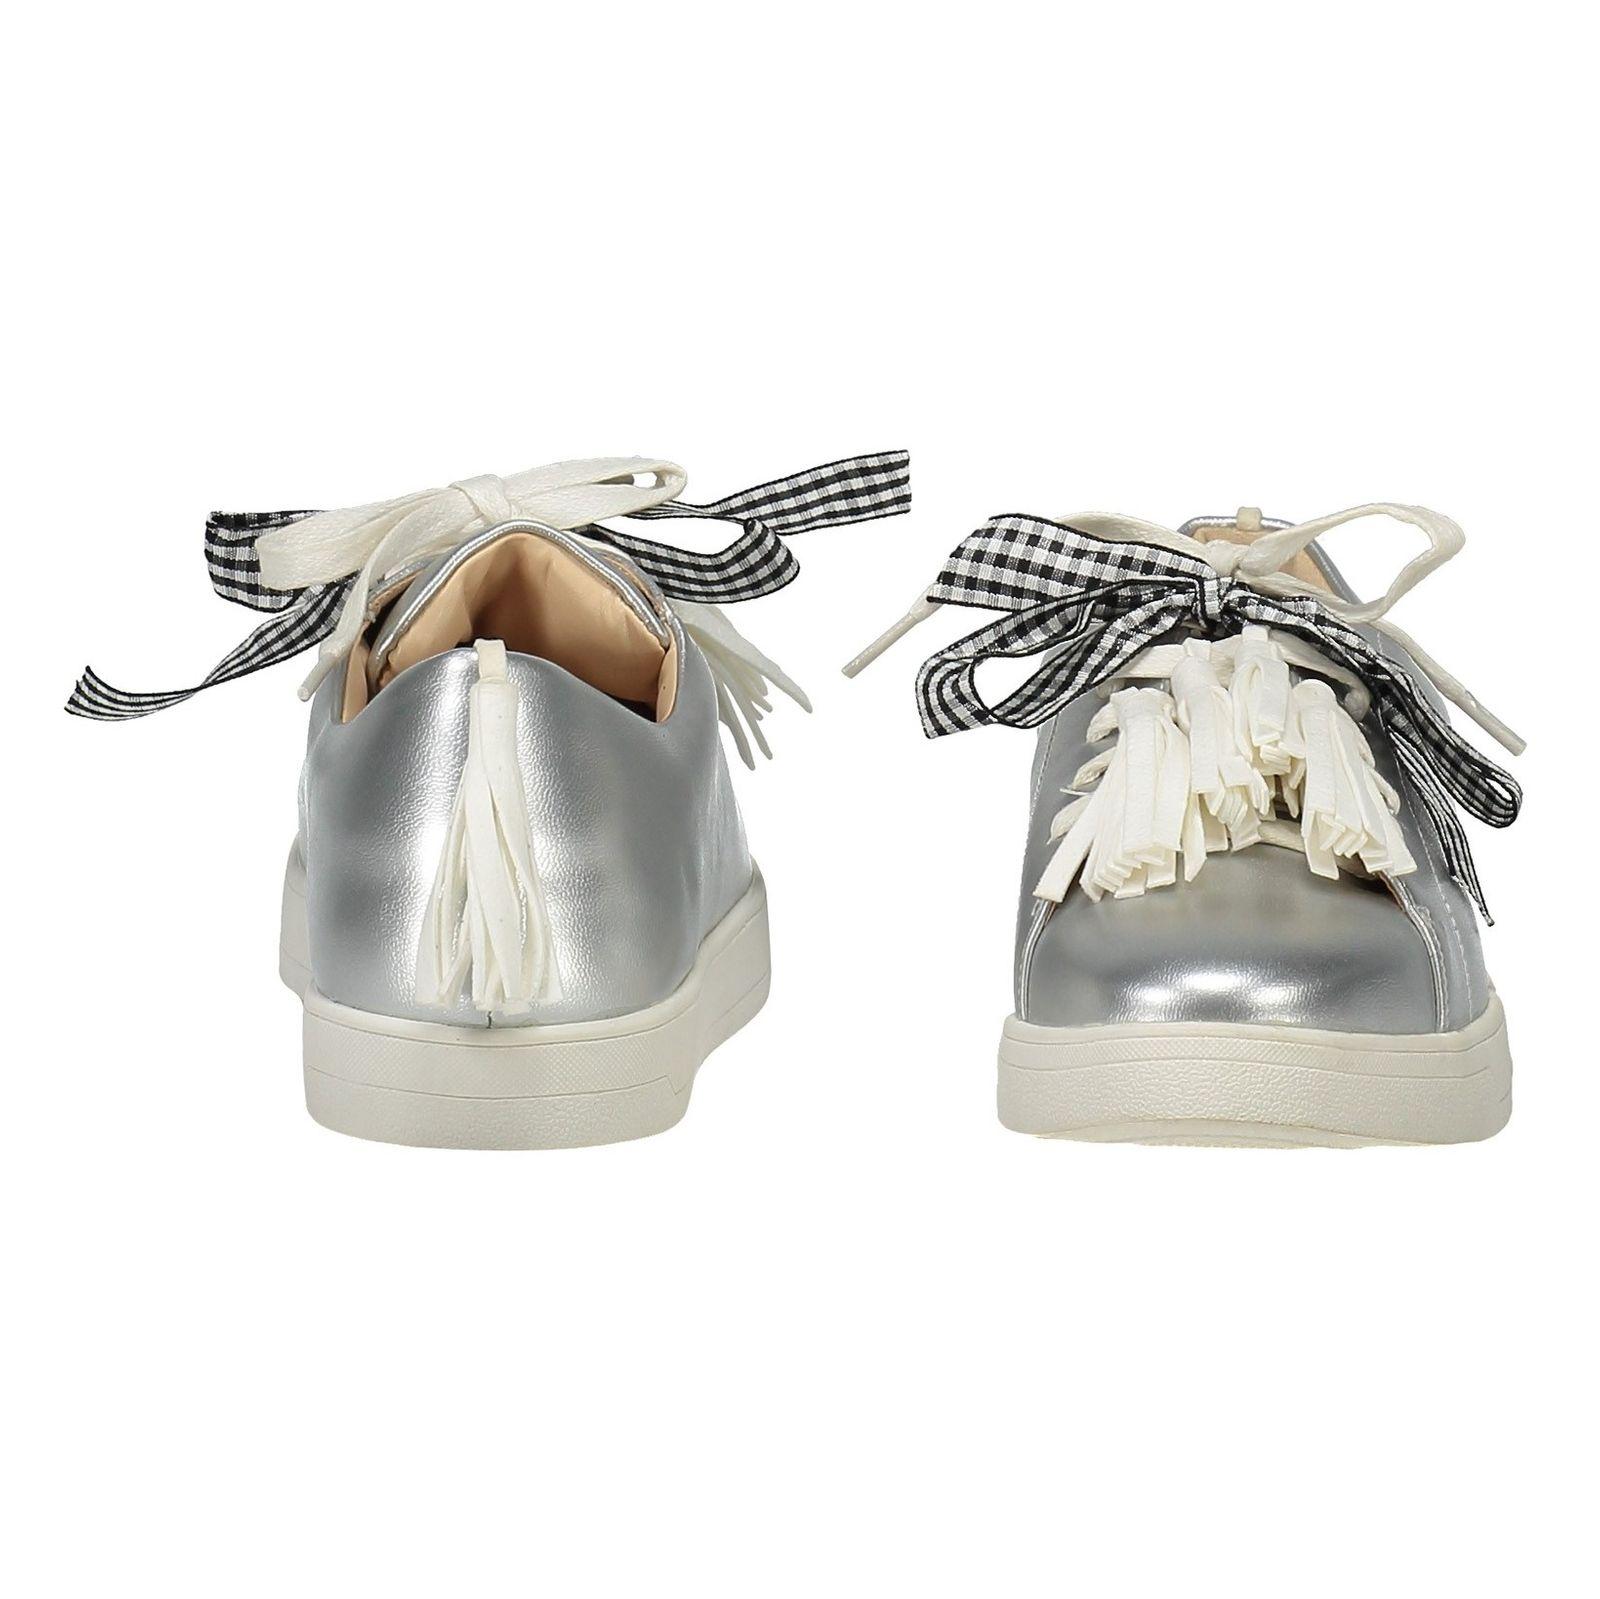 کفش تخت زنانه - بالدی - نقره اي - 5